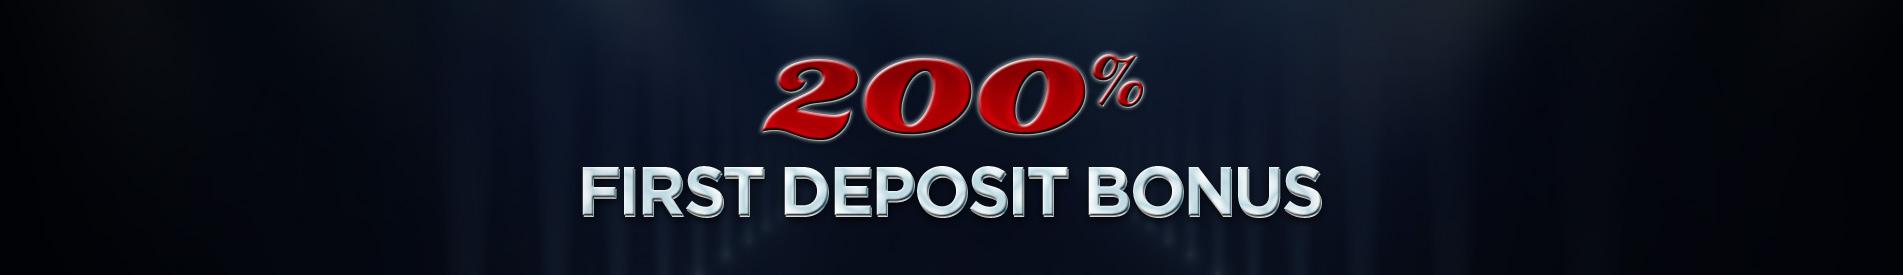 Best Poker App Real Money For First Deposit Bonus